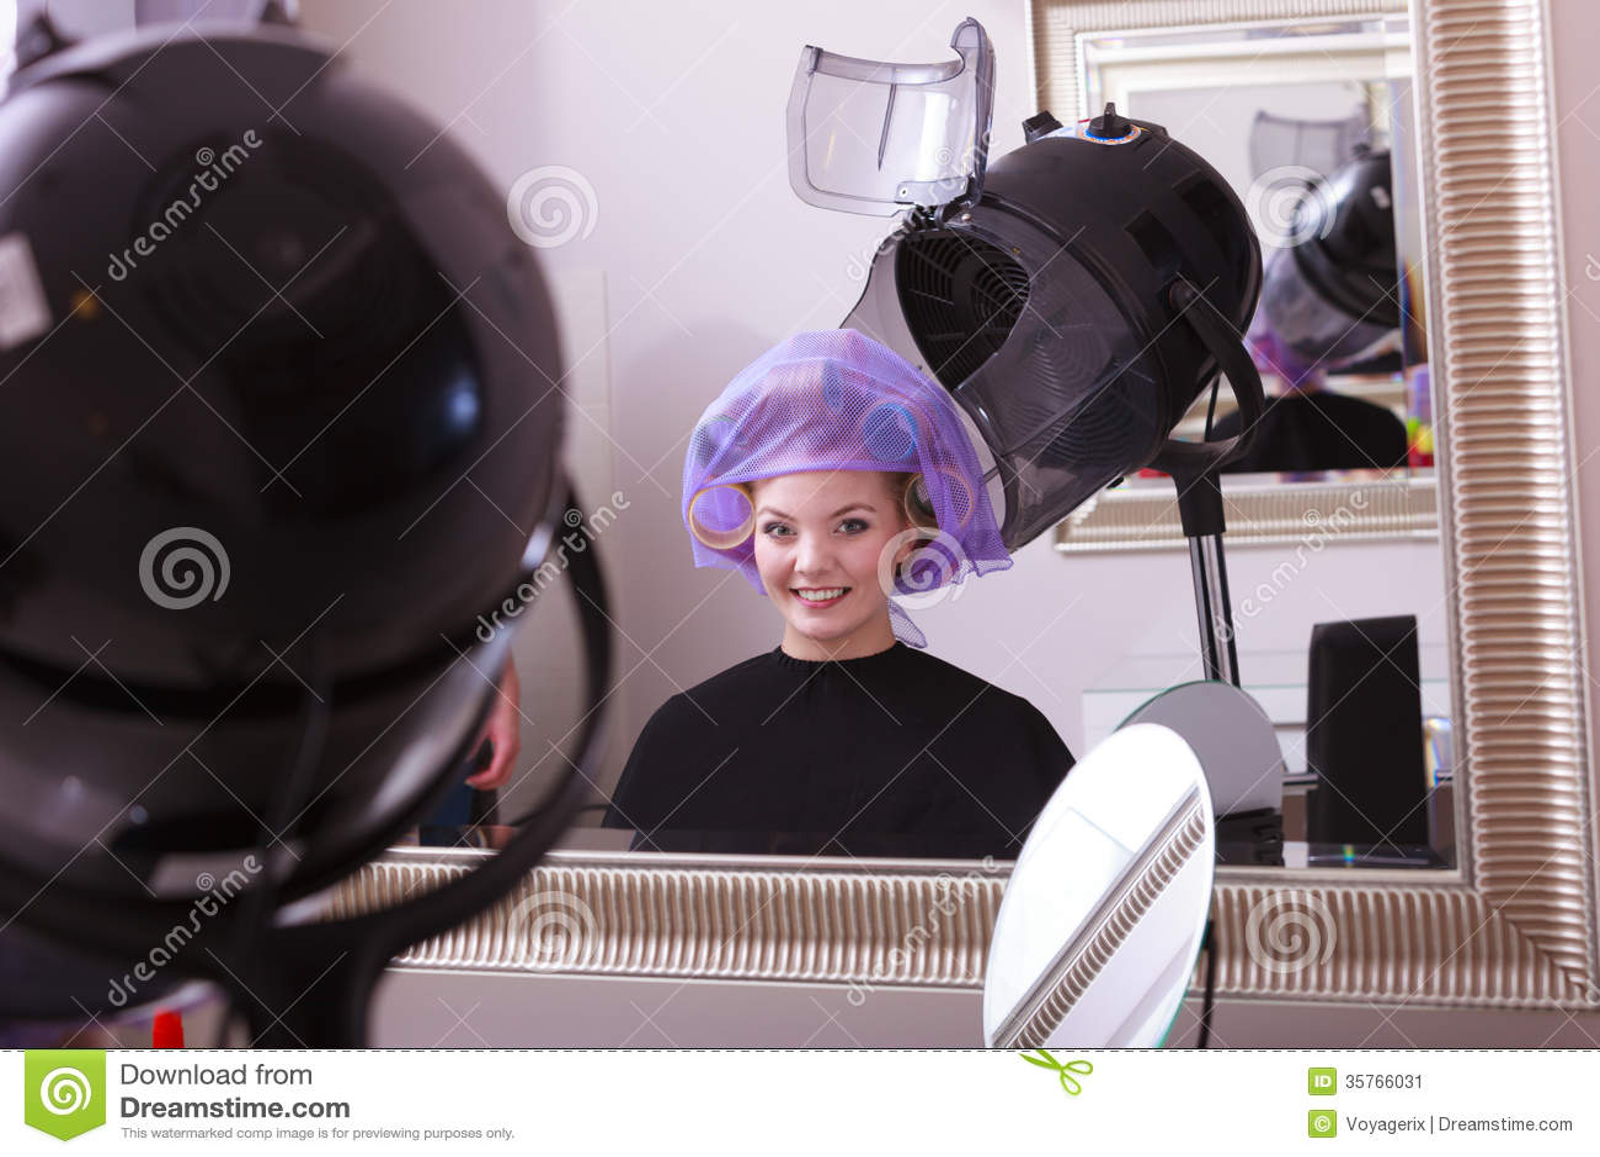 Beauty Salon Roller Set Hair